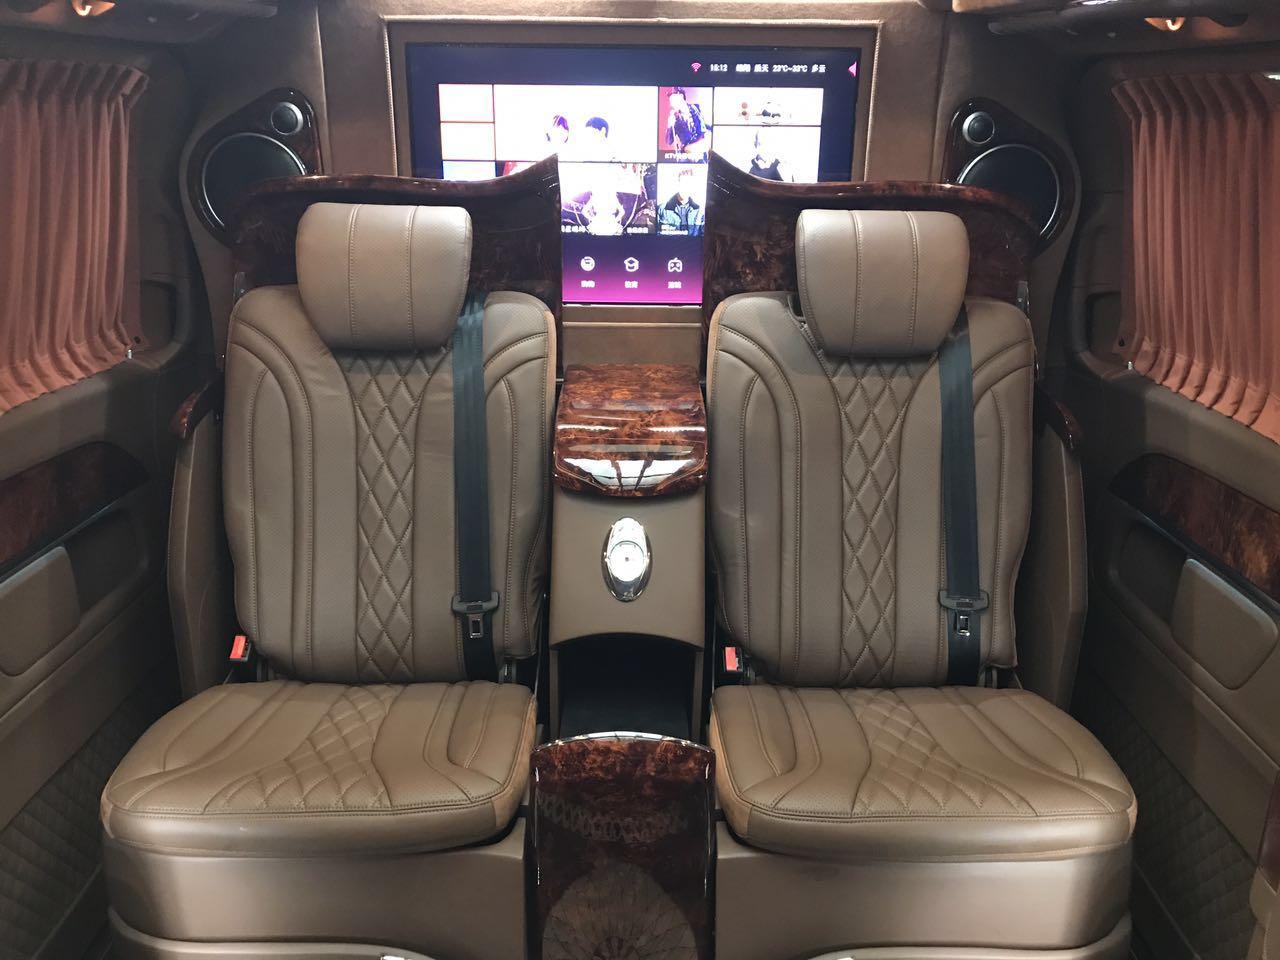 一键式电动可隐藏座椅,图上座椅打开的效果,二排座椅可在吧台与独立座椅间一键切换,充分释放后舱空间,带来客厅级舒适享受 智能语音控制系统:通过语音控制车内各项功能,识别度高,听懂你的需求 全车IOS远程控制系统:搭载T-Acme手机客户端,可在手机端实现对车内功能的便捷操作